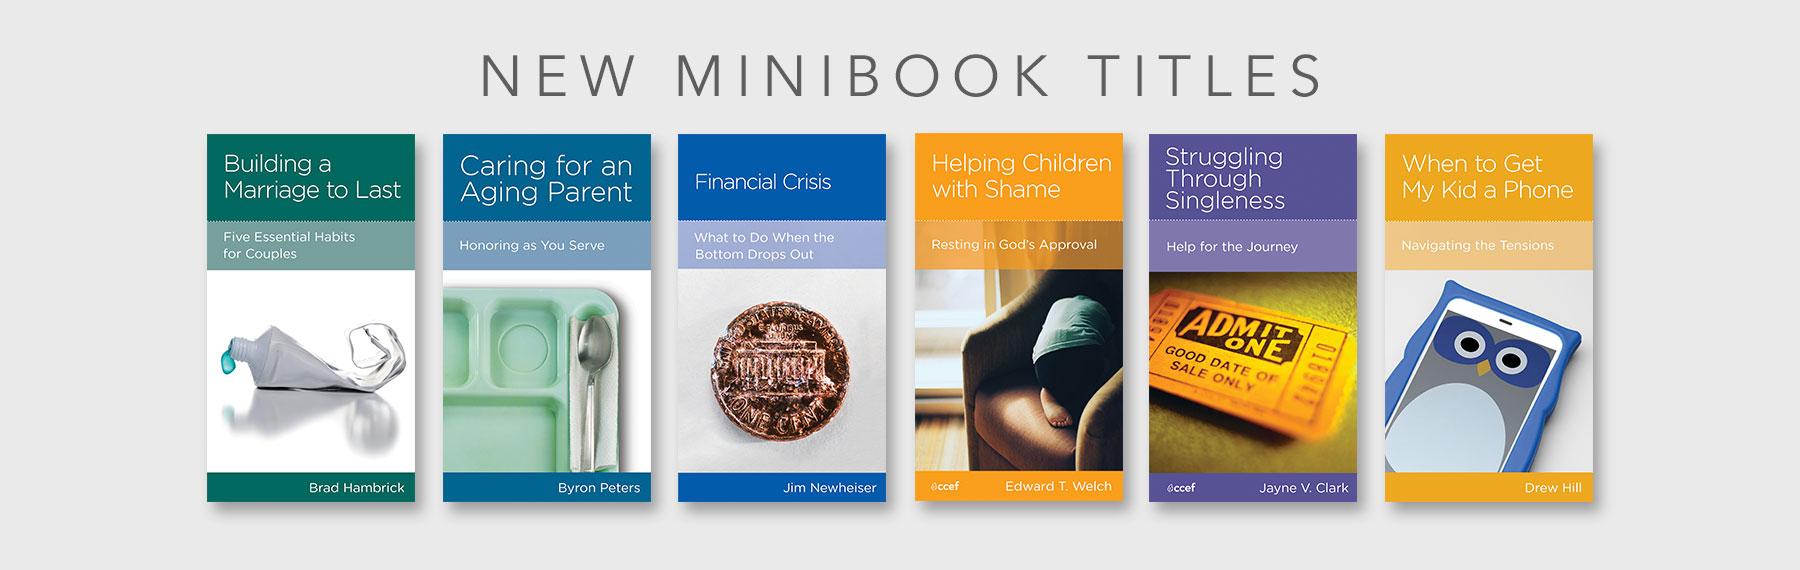 new-minibooks-1020.jpg